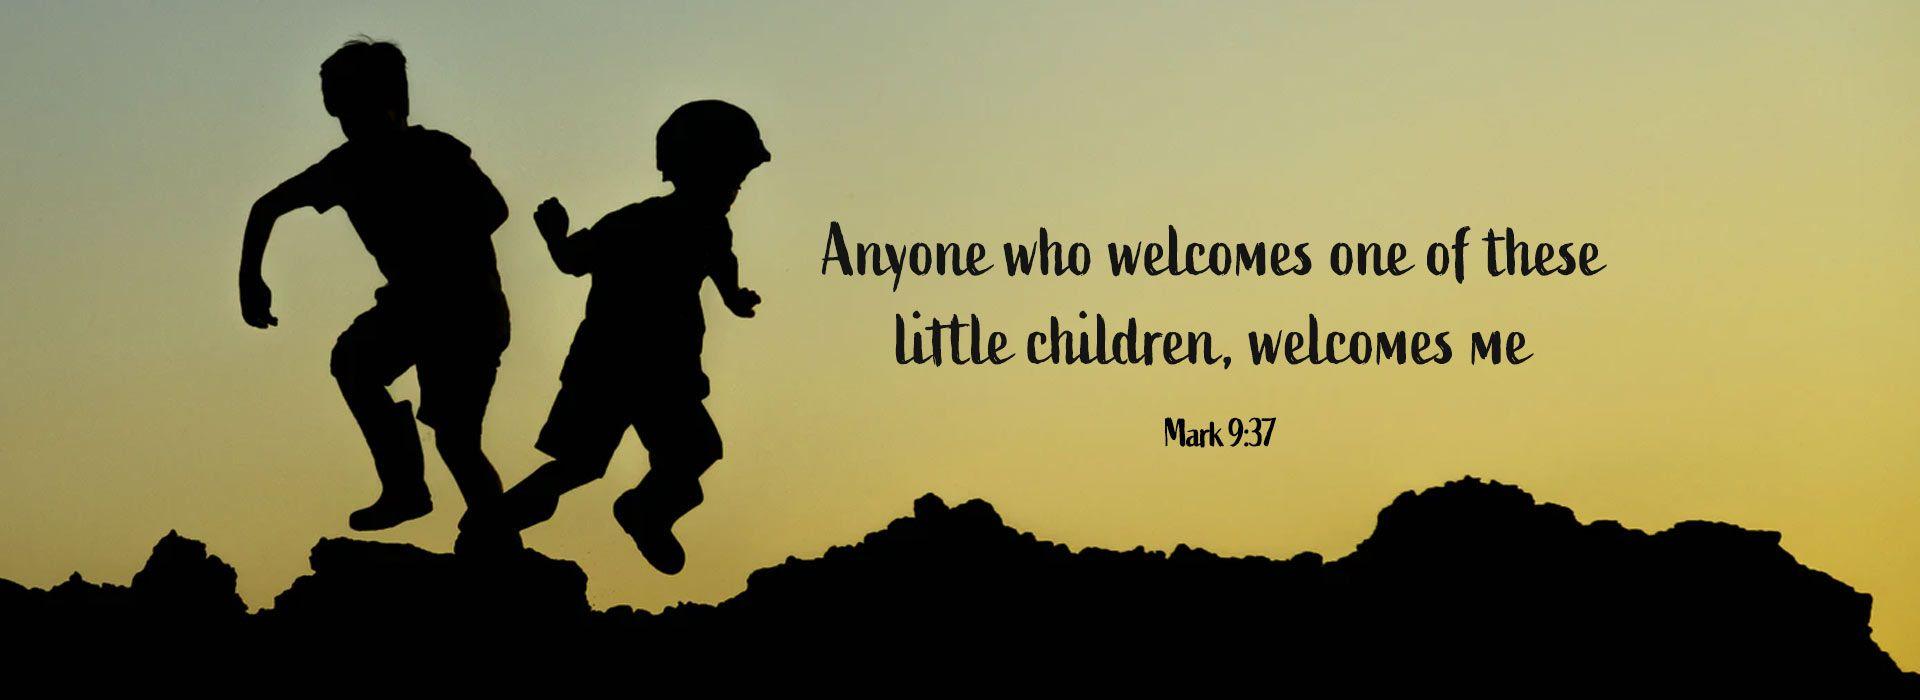 Mark 9:37